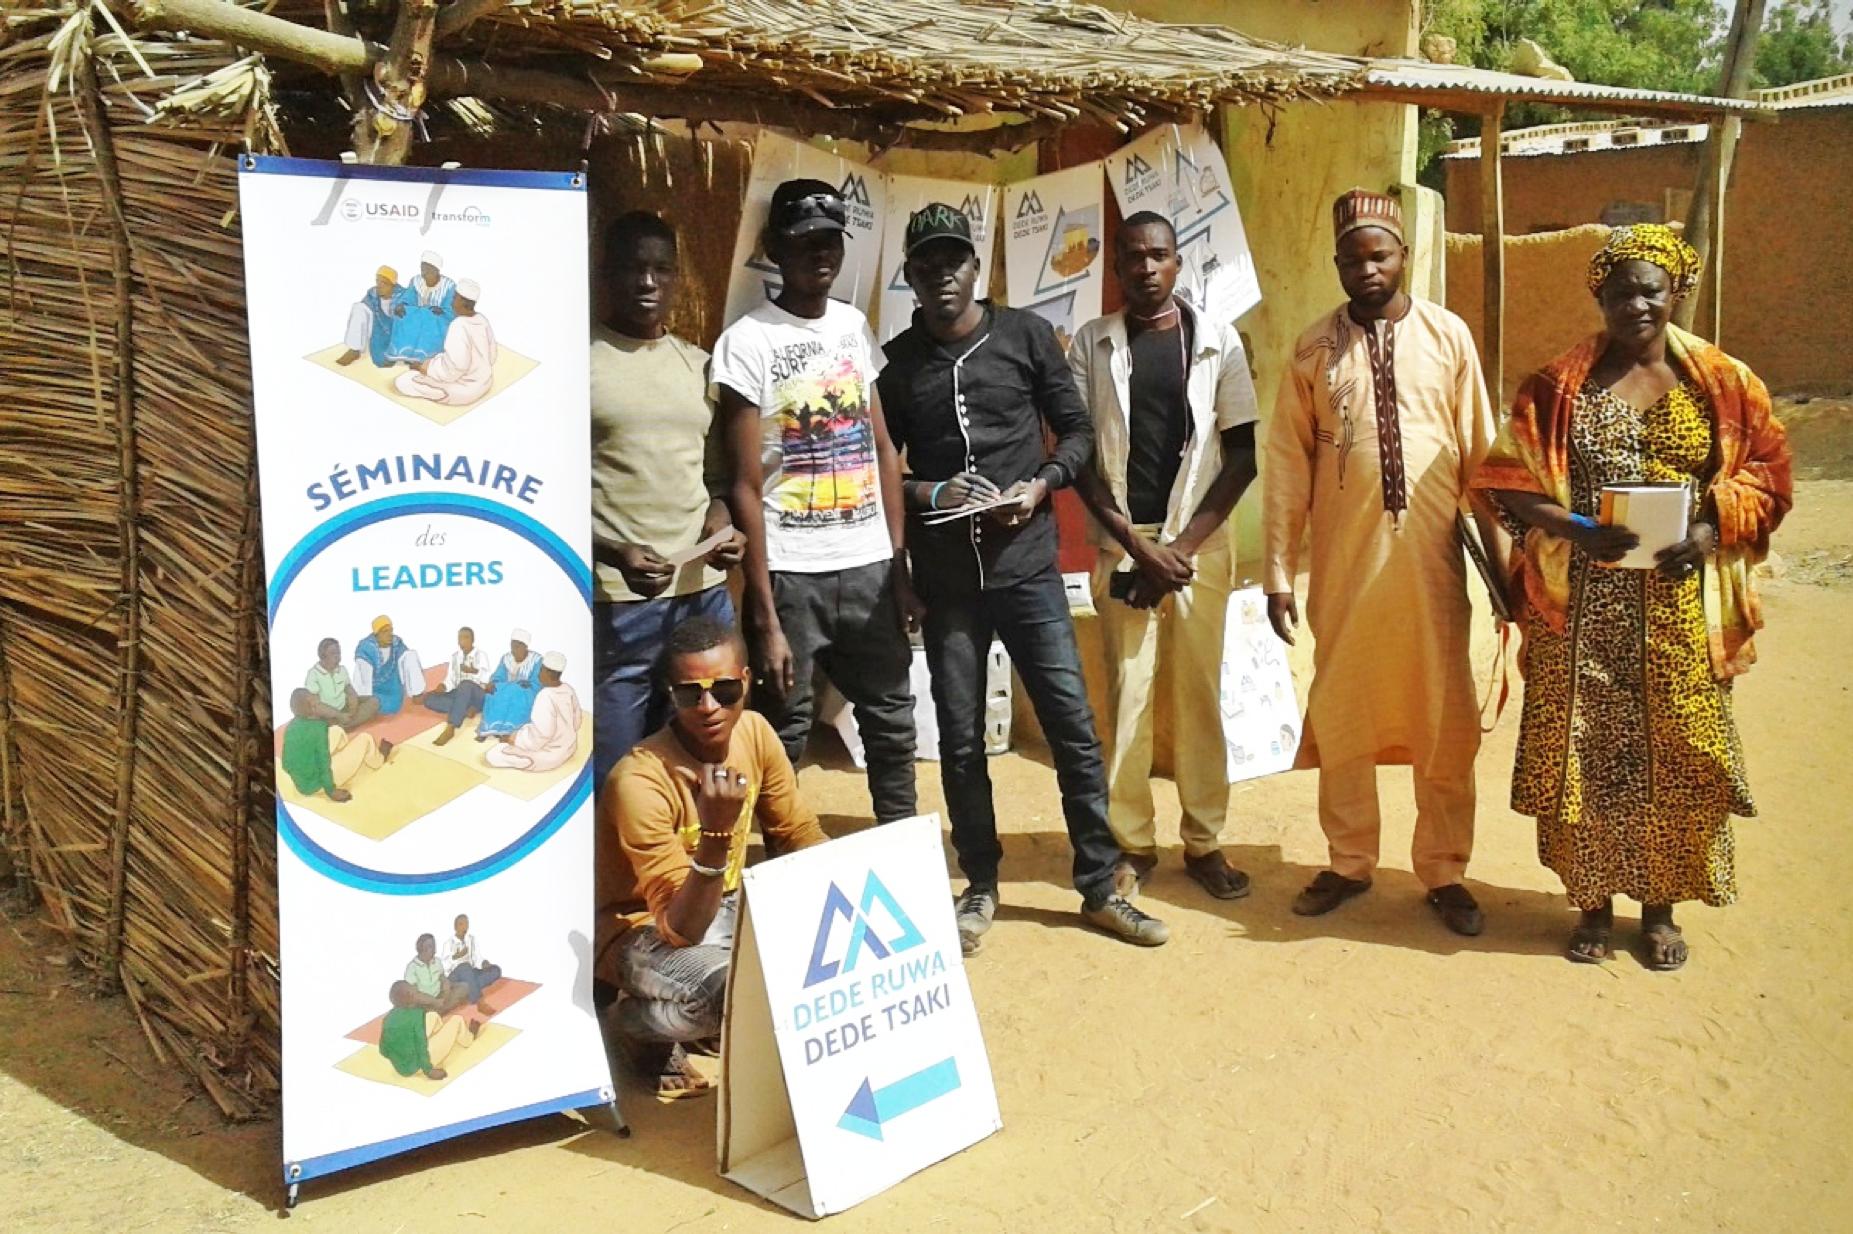 Entrainement et recrutement des leaders de jeunesse au Dede Ruwa Dede Tsaki de Bandé, séminaire et activités des leaders